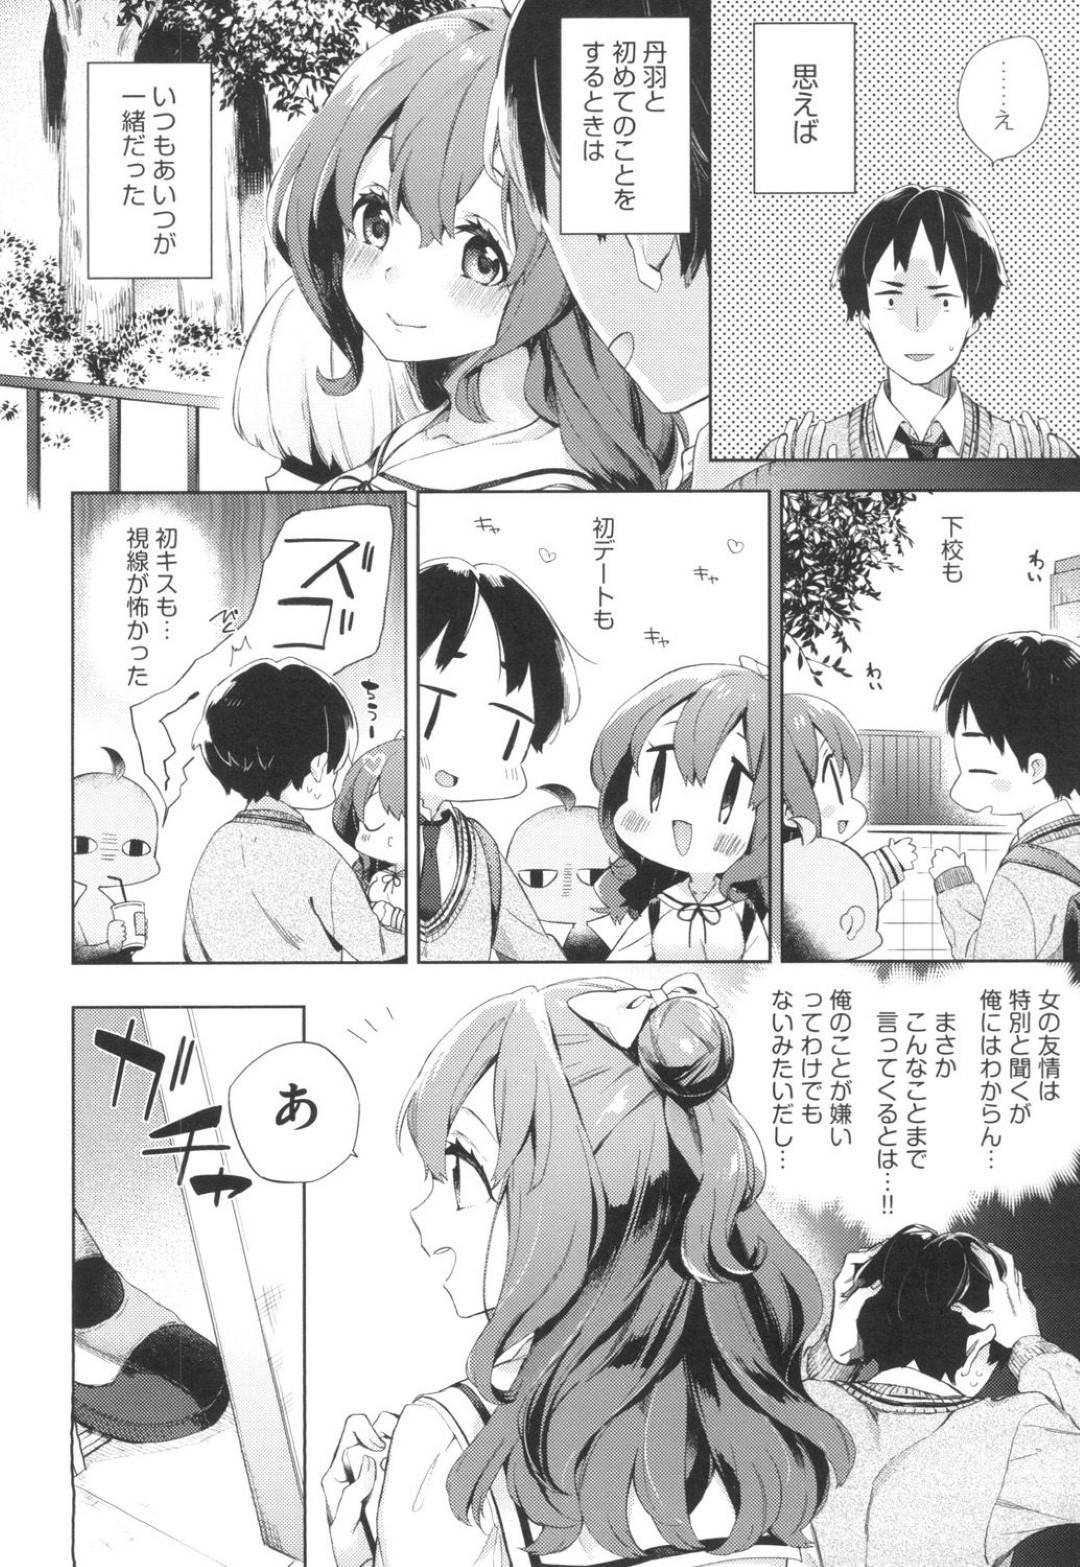 【エロ漫画】親友女子と彼氏を強制セックスさせてイチャラブ3P初セックスを企てる変態JK彼女【冬みかん/ヒヨにわライス】